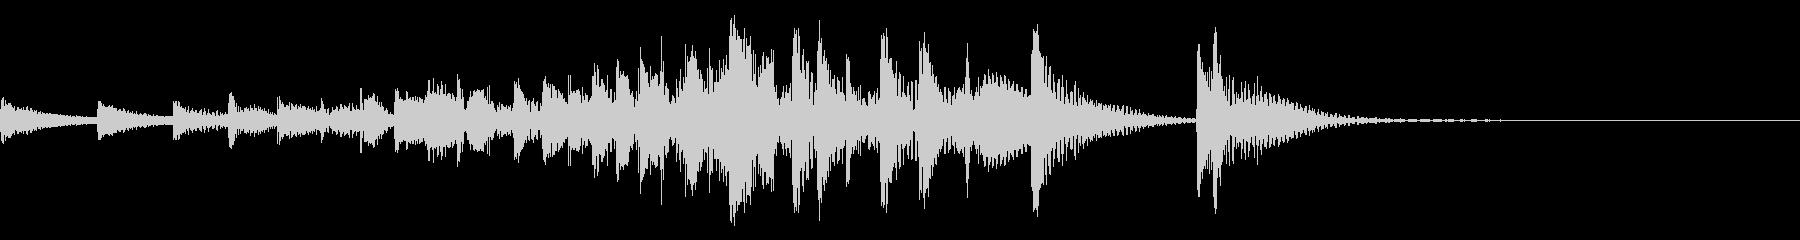 音侍「ドンドン・・」吊り太鼓の長め連打音の未再生の波形